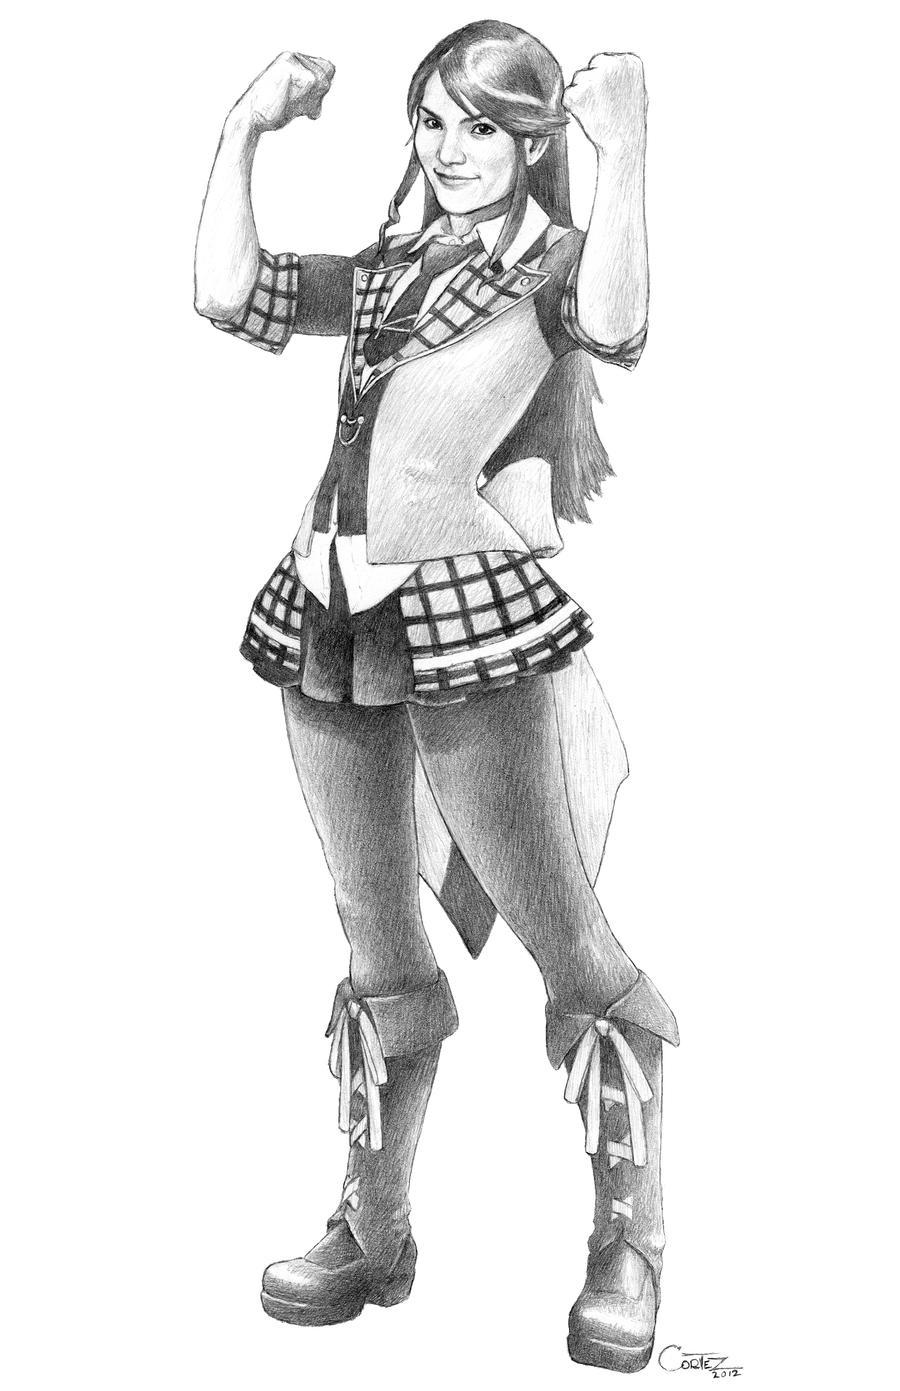 AKB48: Akimoto Sayaka - AKB0048 version by Sumo0172